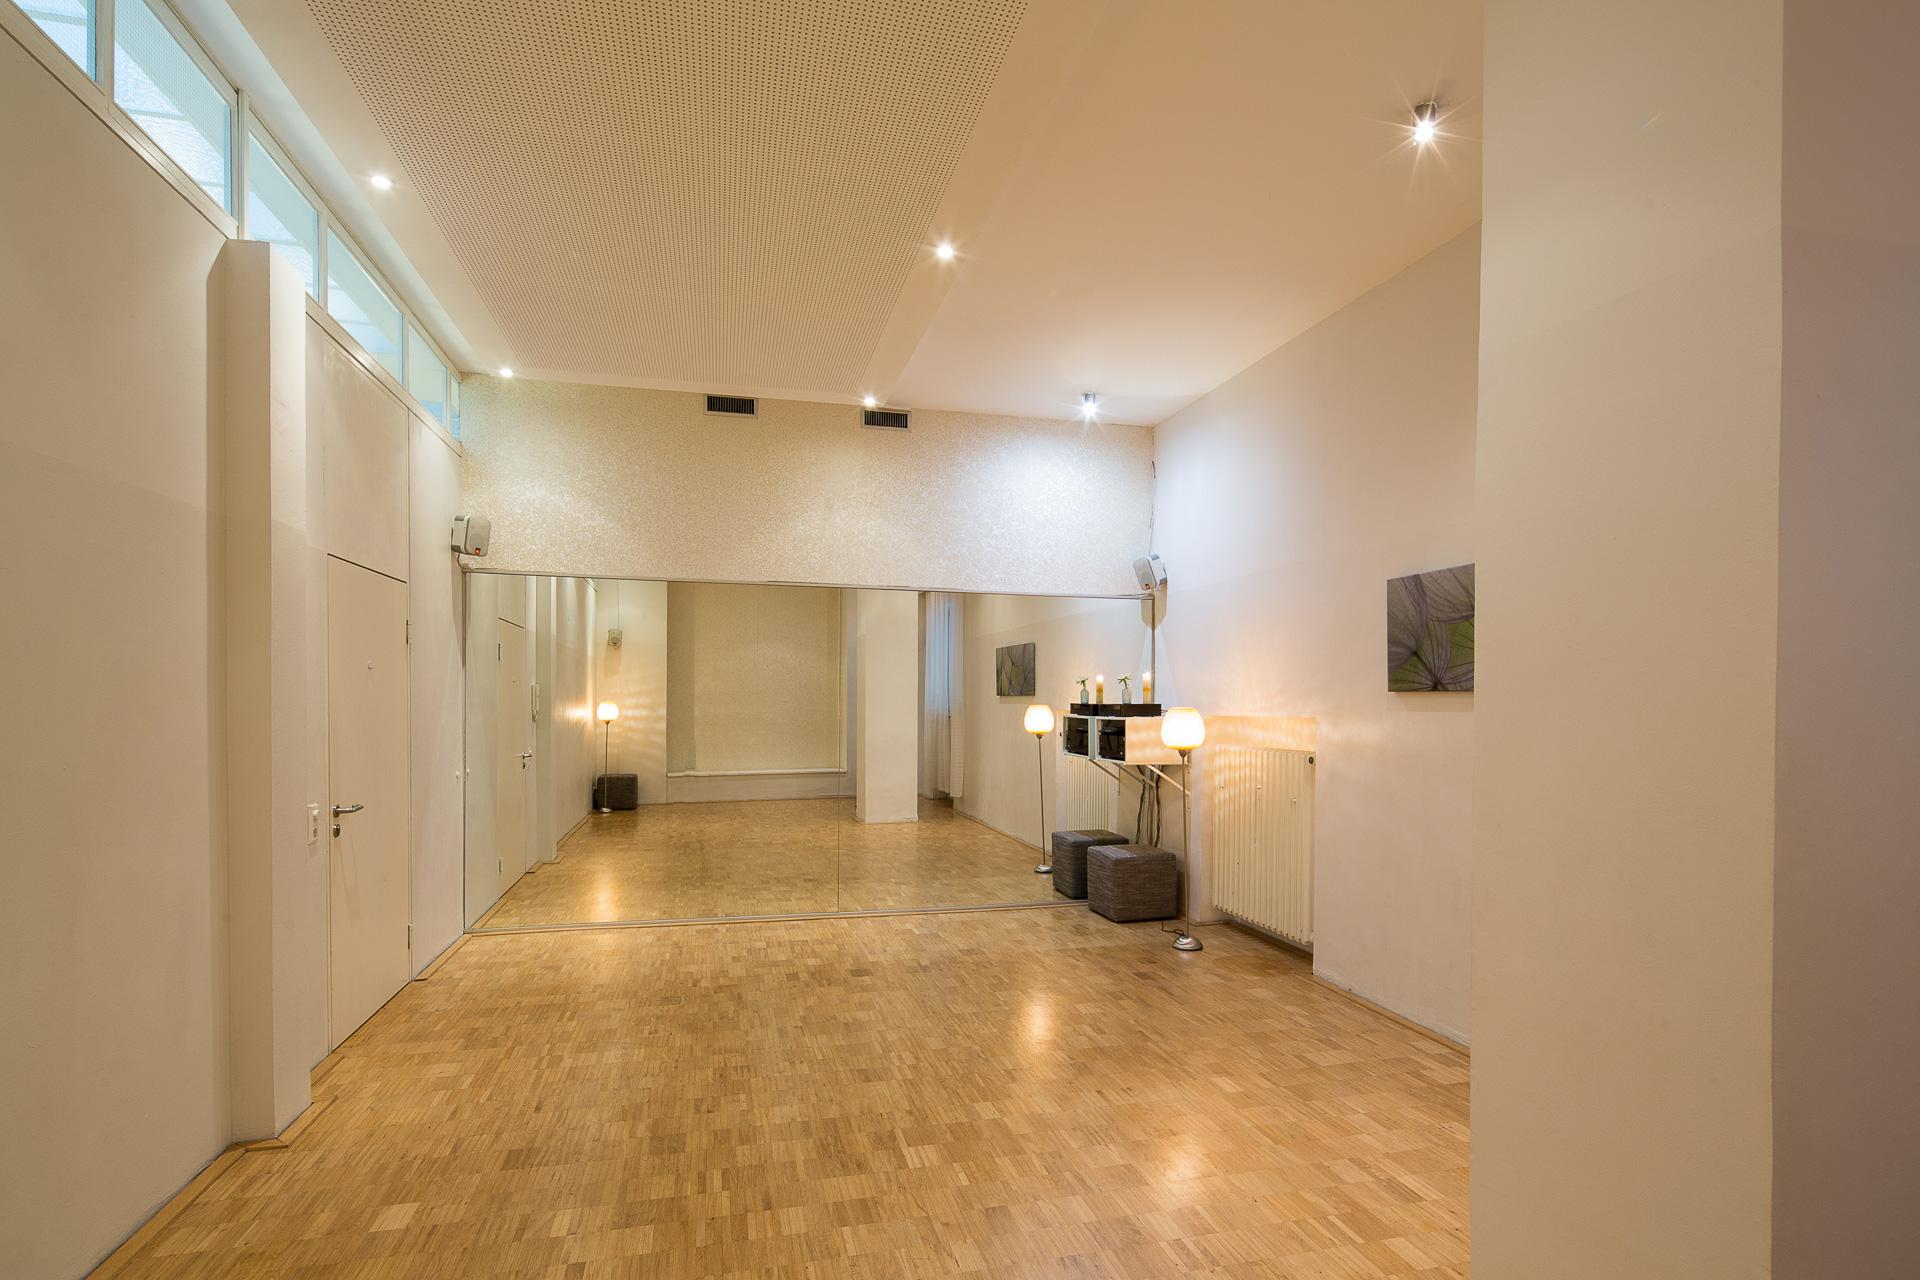 Kleiner Raum 3 Etage